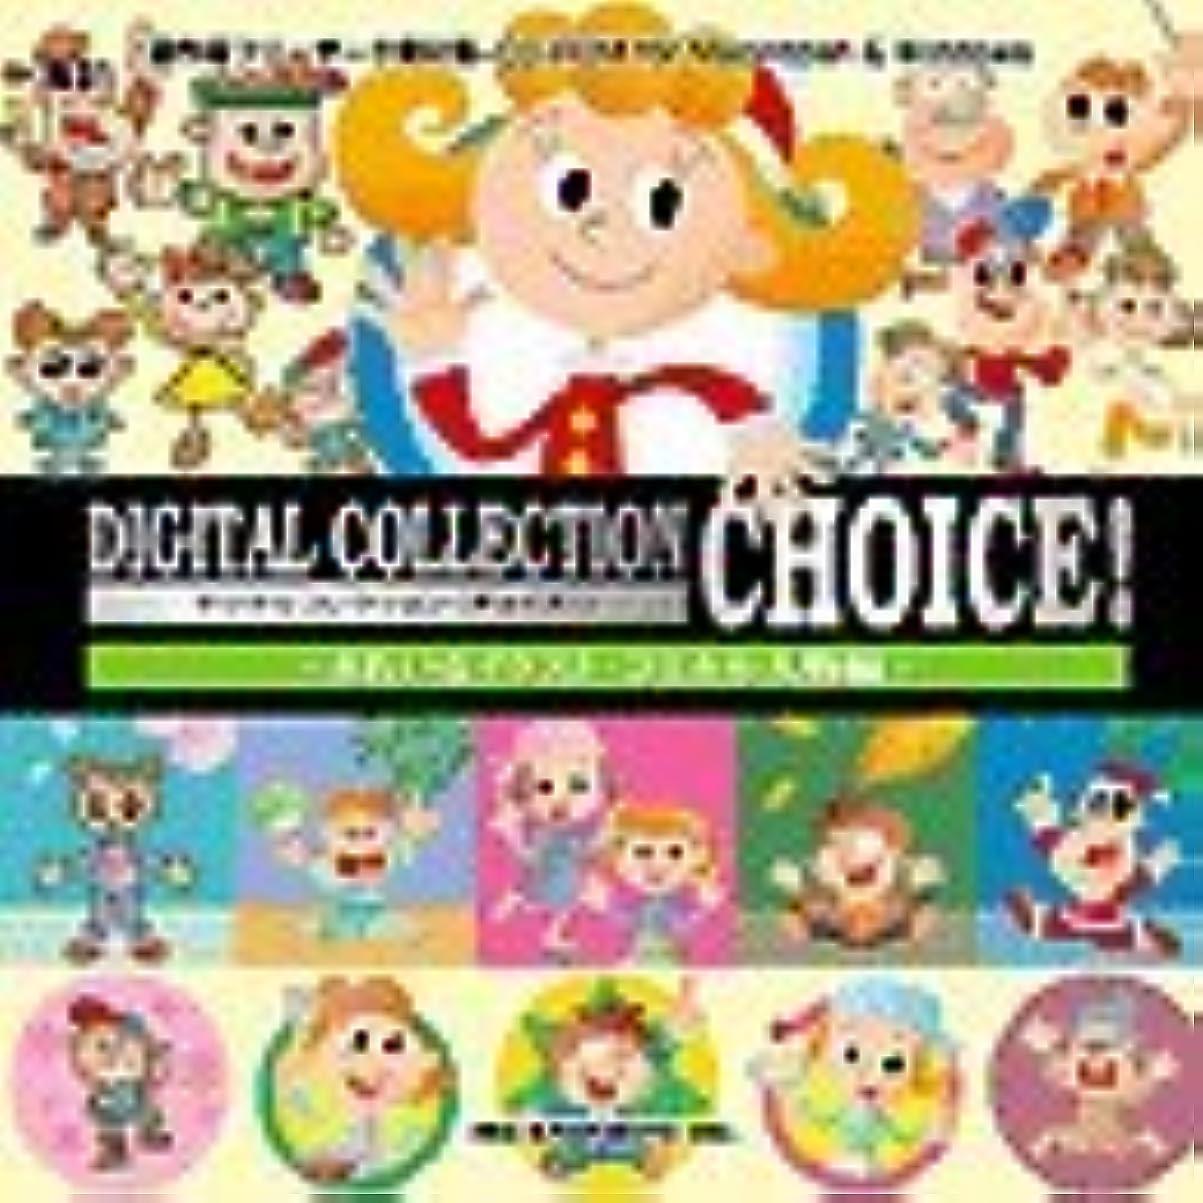 南回答超越するDigital Collection Choice! きれいなイラスト?コミカル人物編